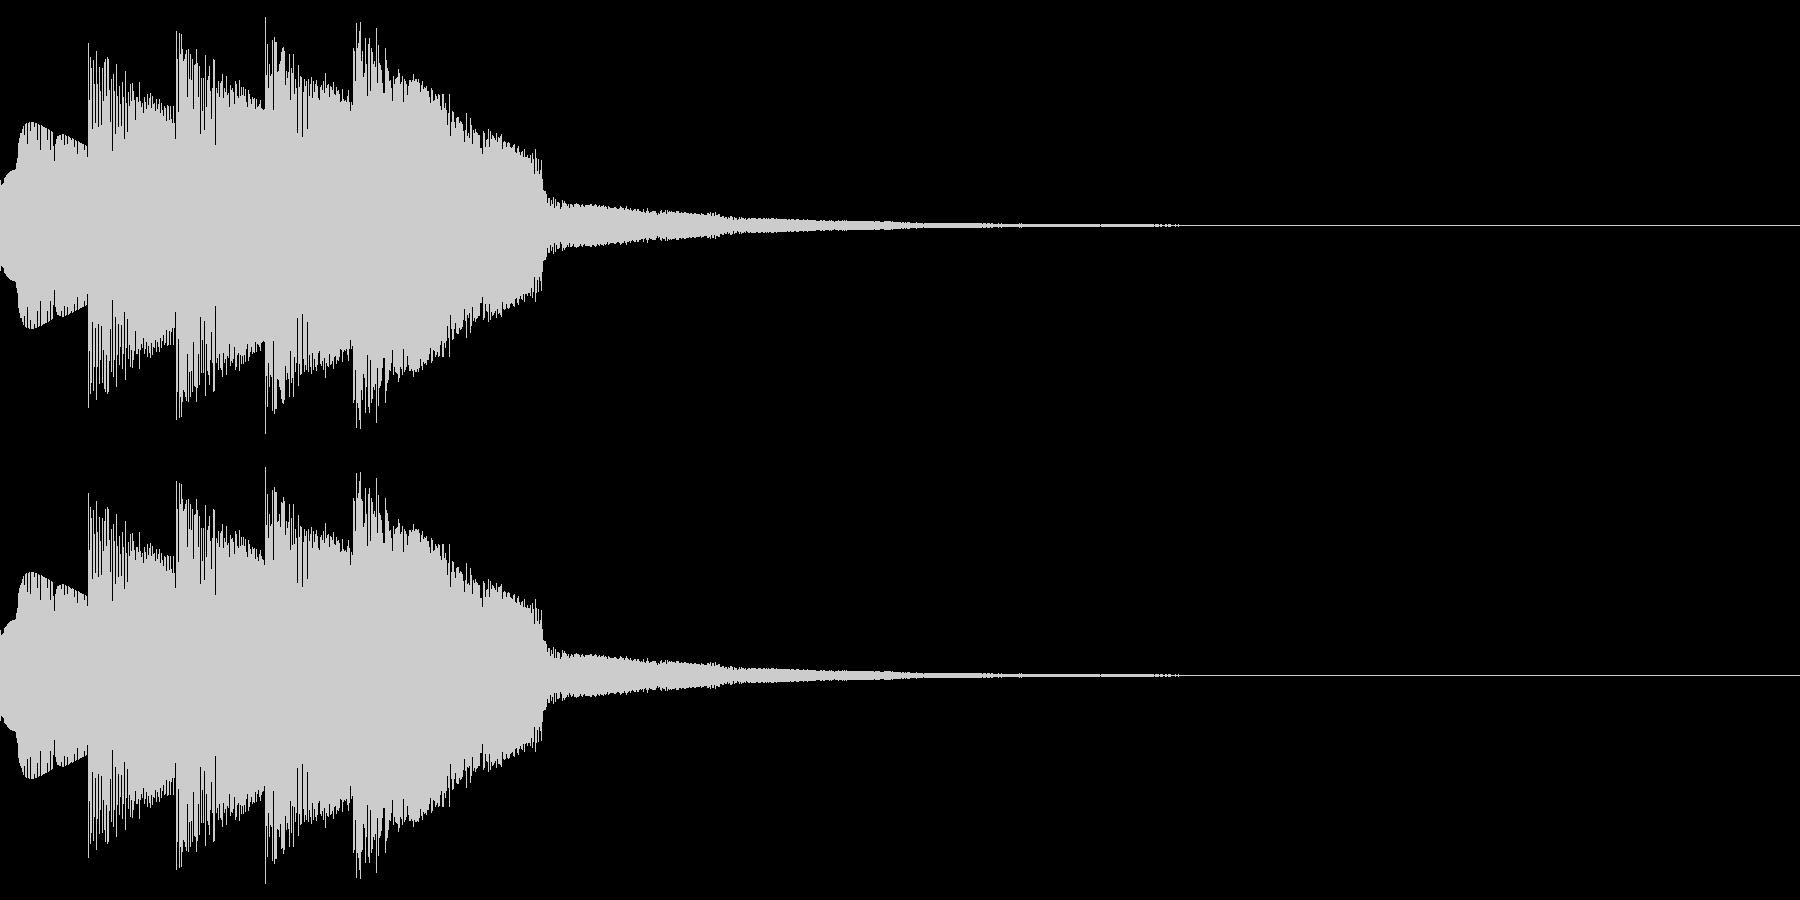 「決定」「選択」などのシステム効果音。の未再生の波形